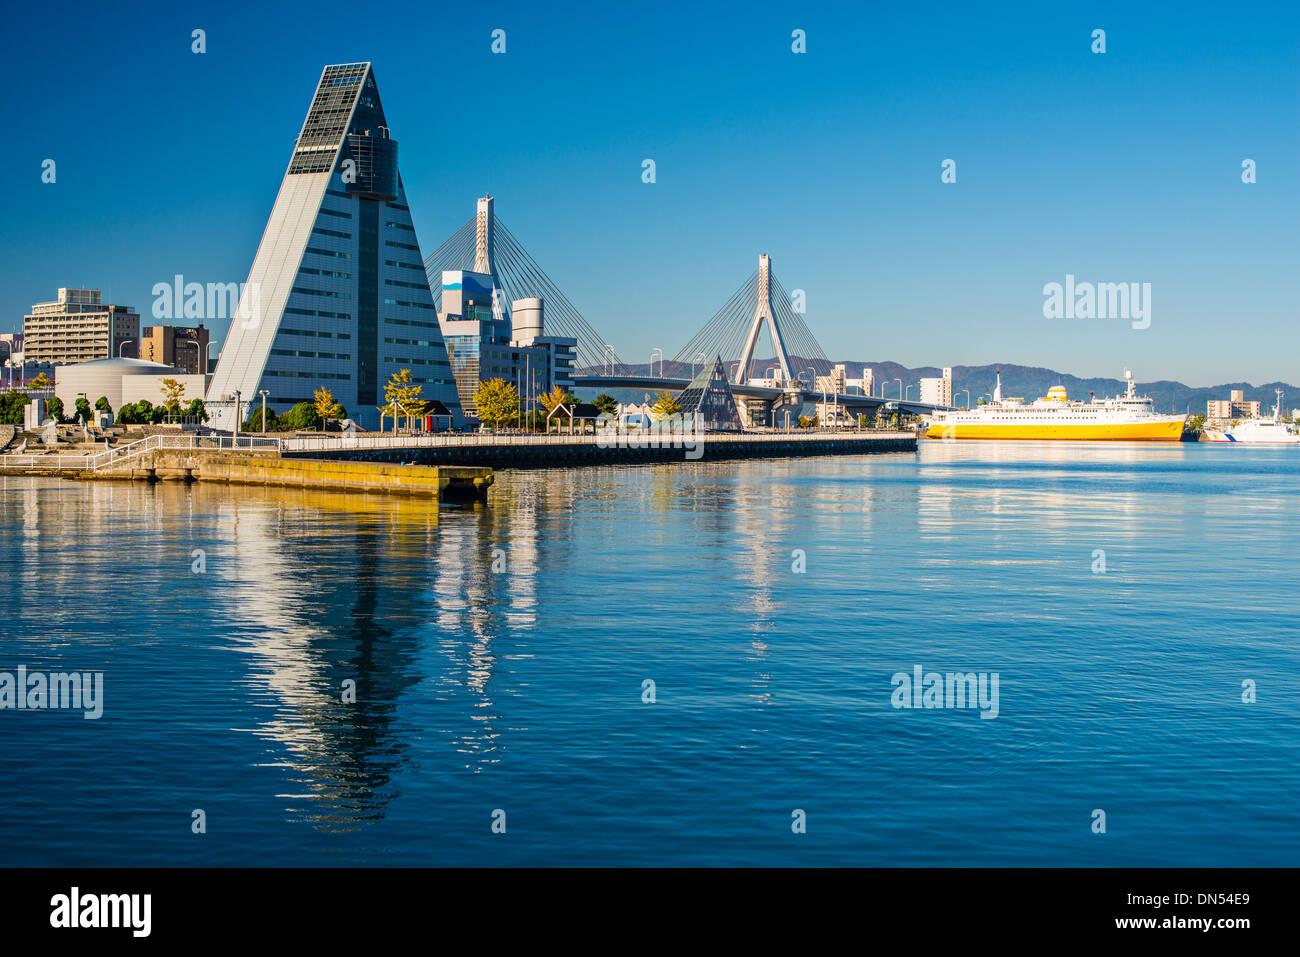 Die Innenstadt von Aomori, Japan. Stockbild